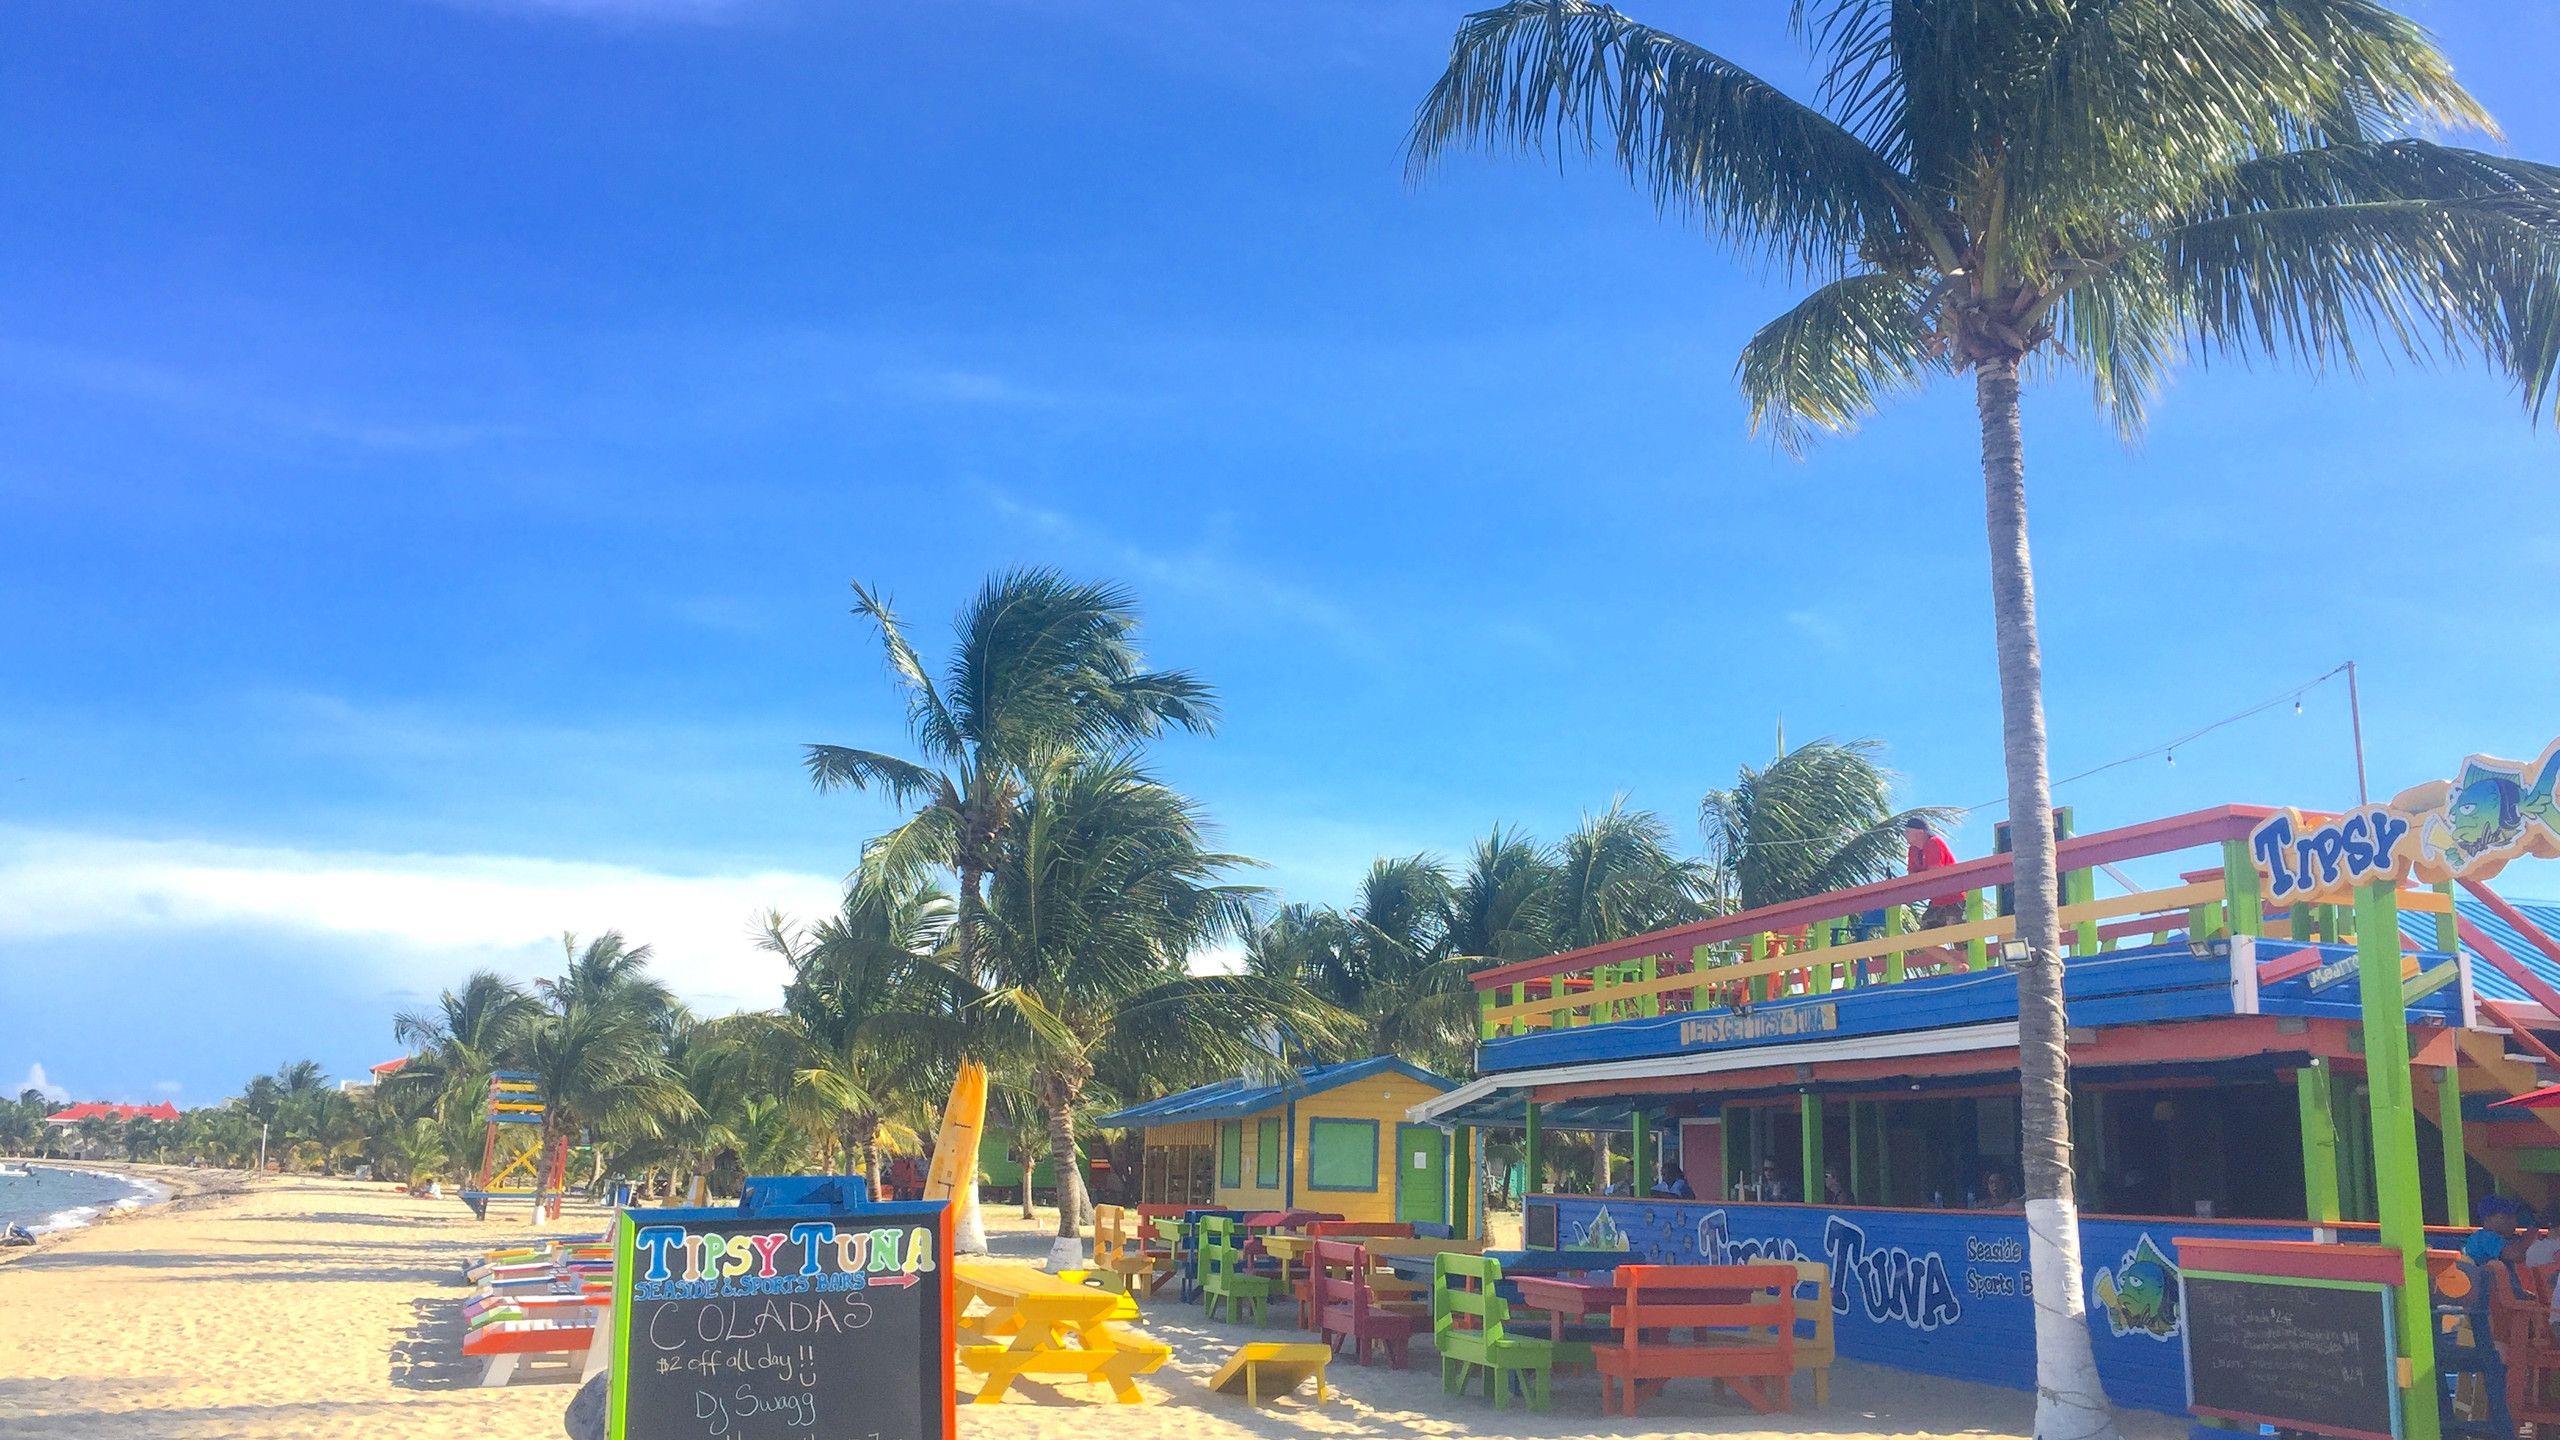 Placencia beach bar